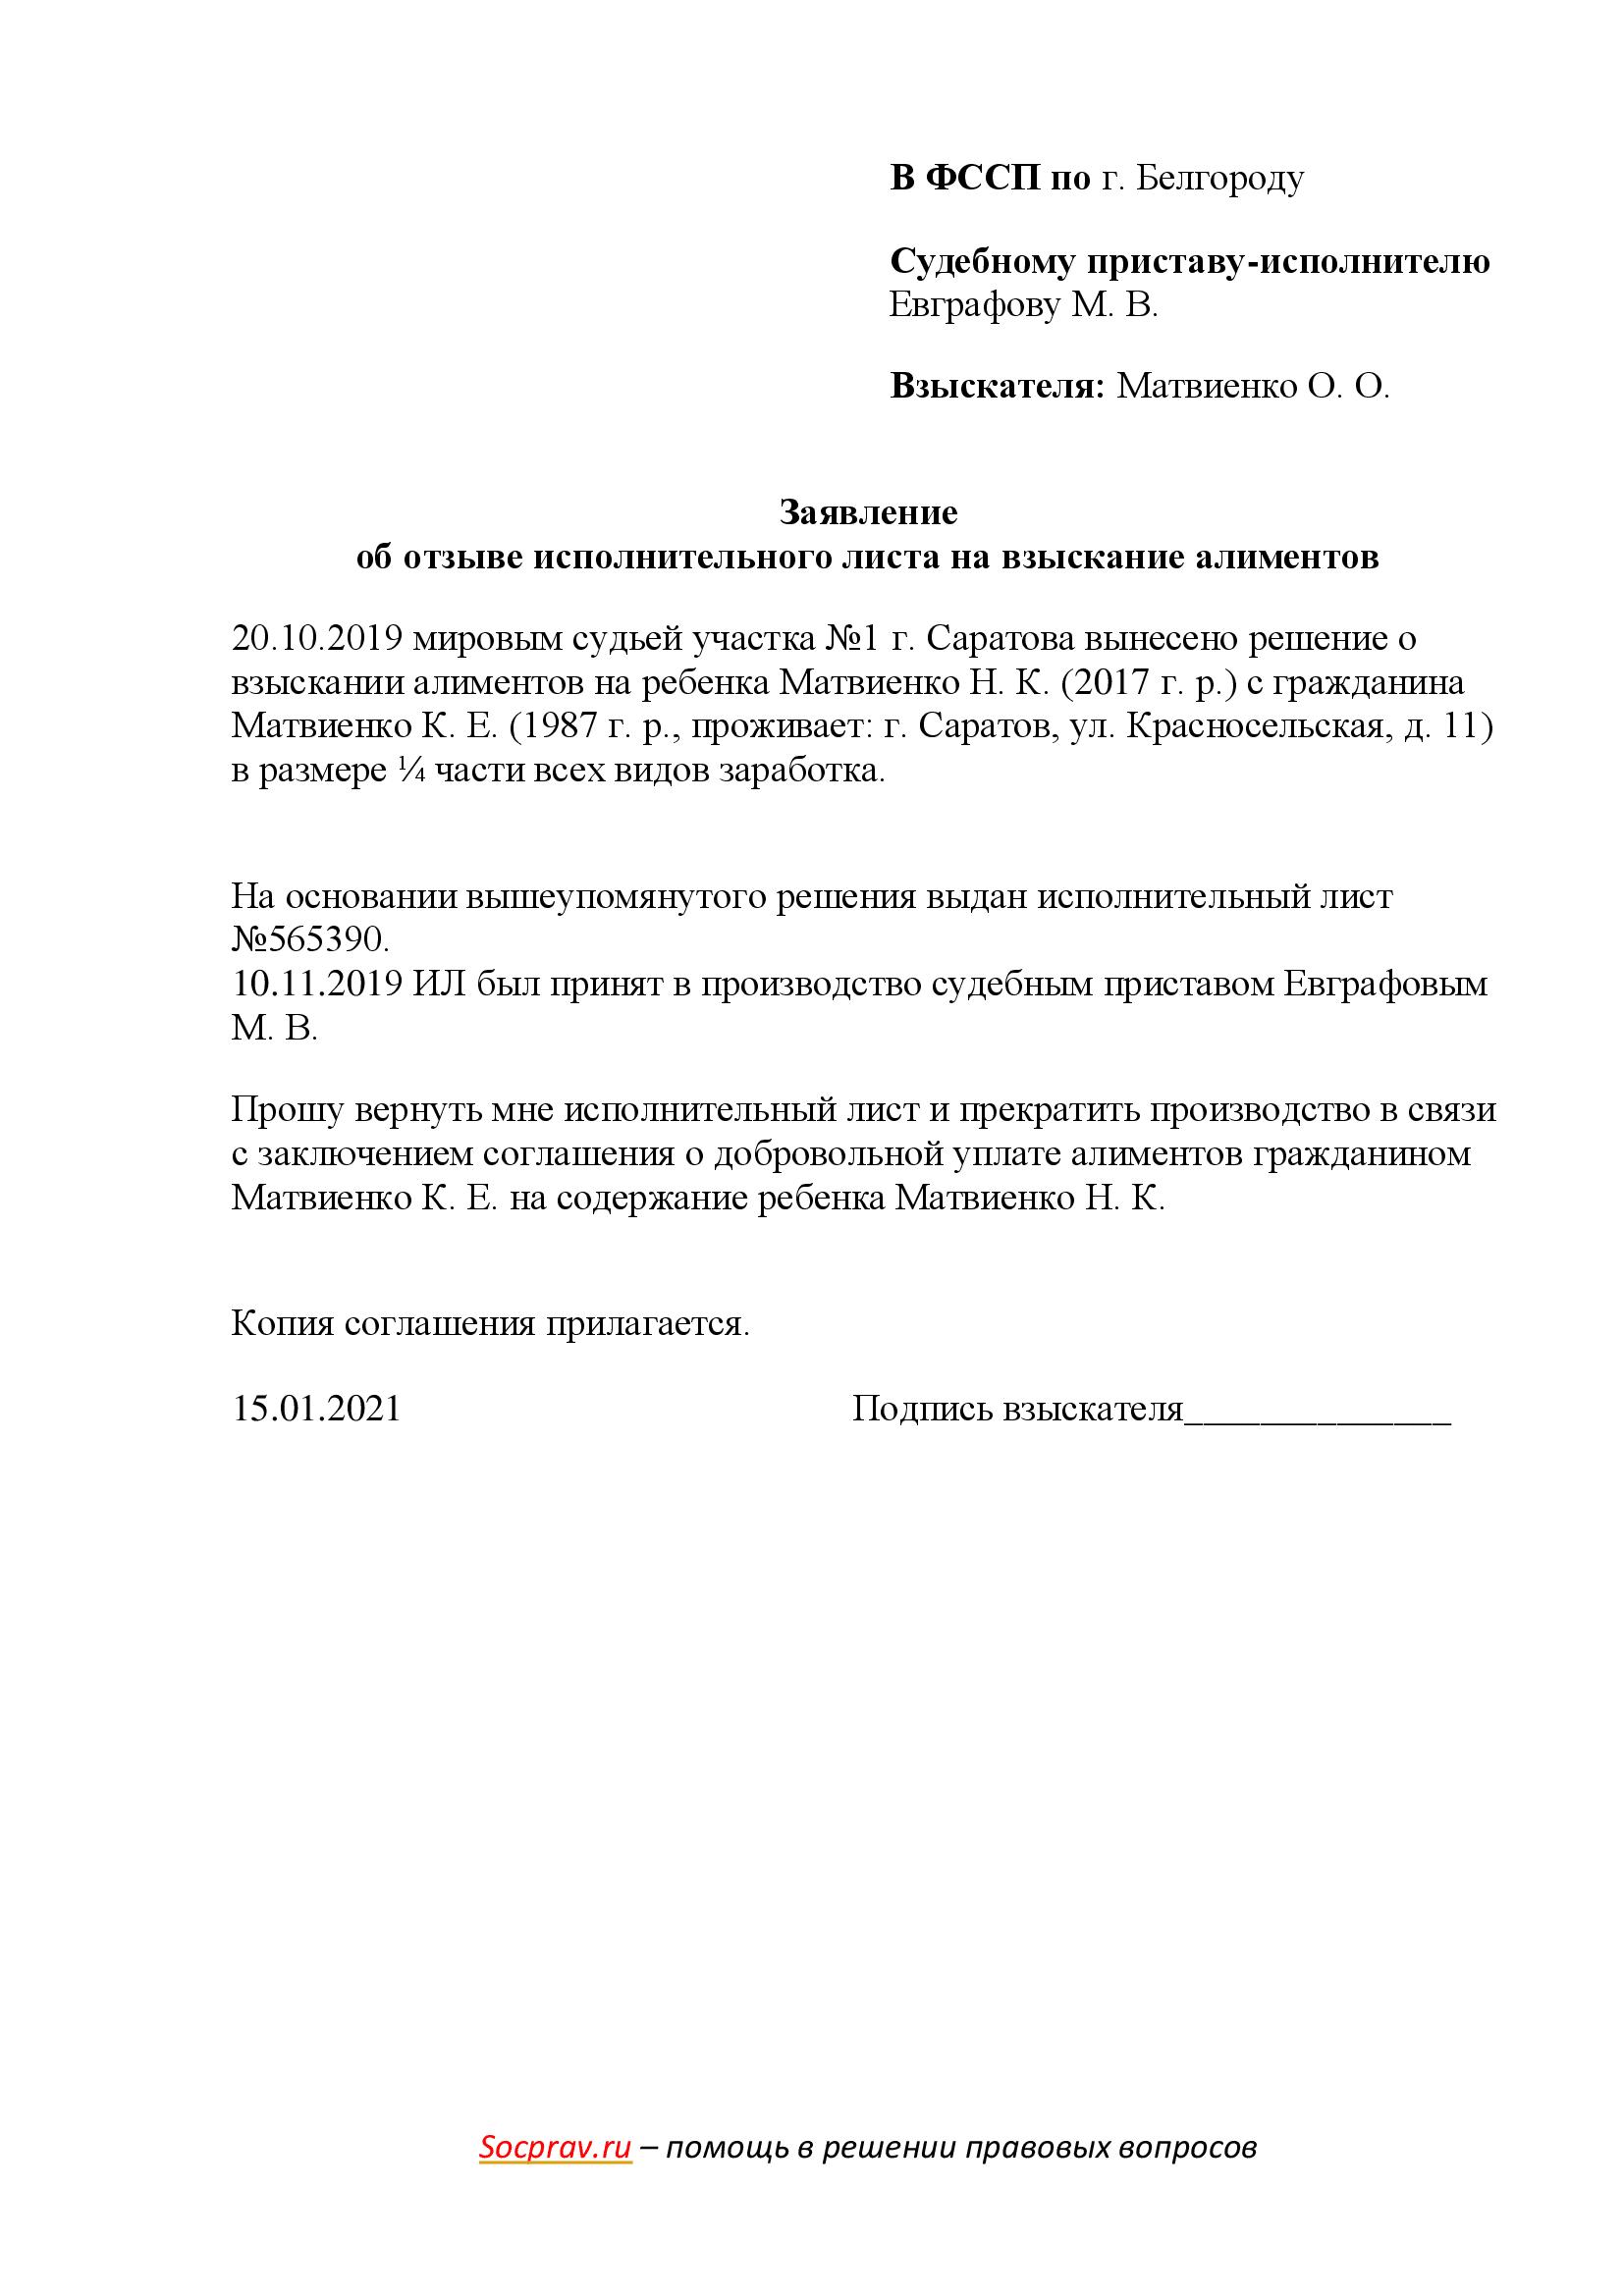 Заявление об отзыве исполнительного листа на взыскание алиментов